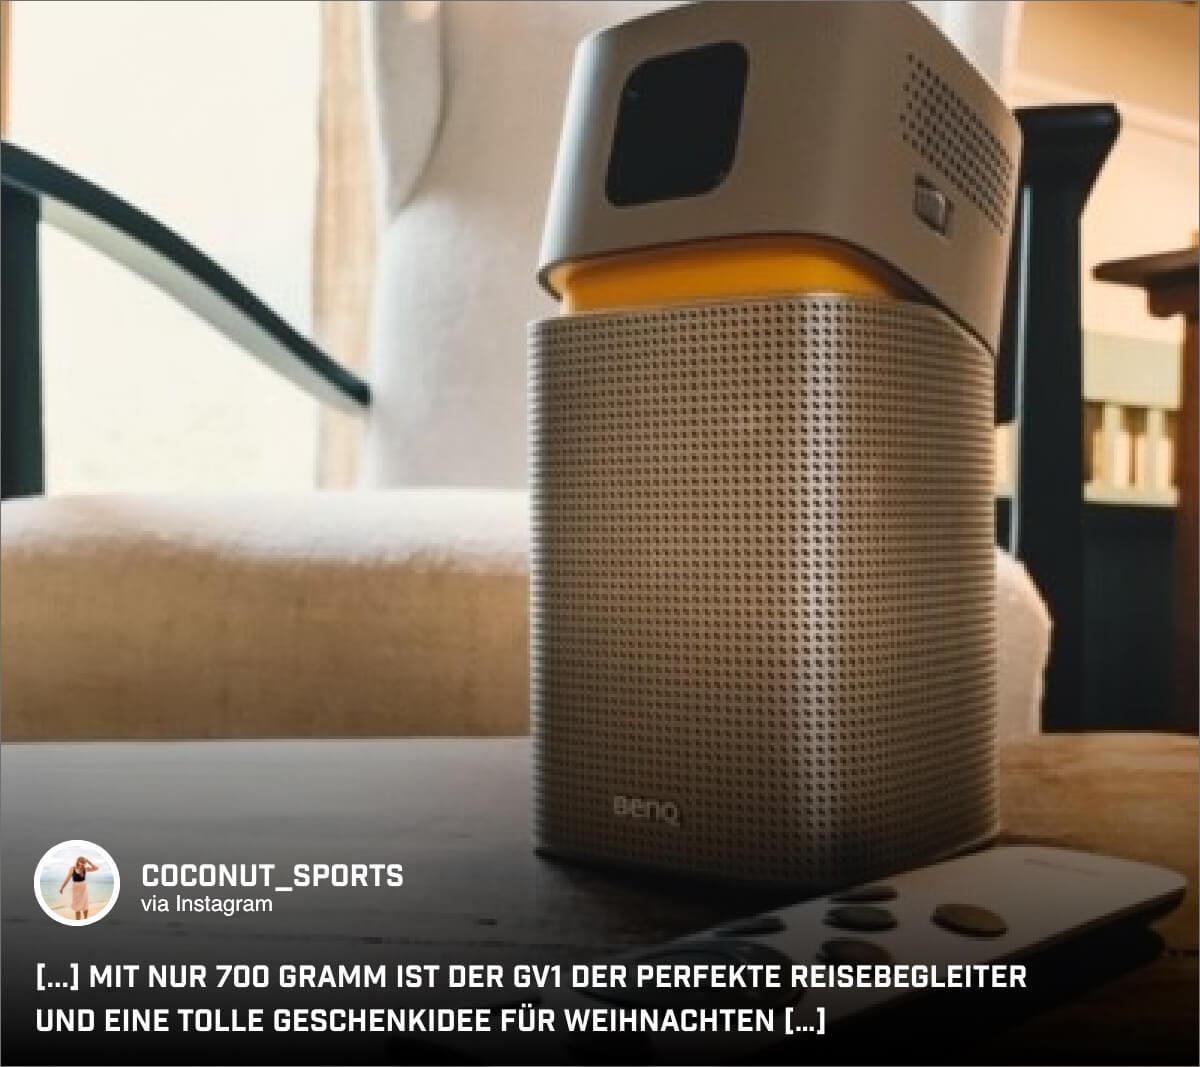 Mit dem portablen Mini-Projektor lässt sich auch @coconut_sports Zeit im Hotelzimmer besser genießen.